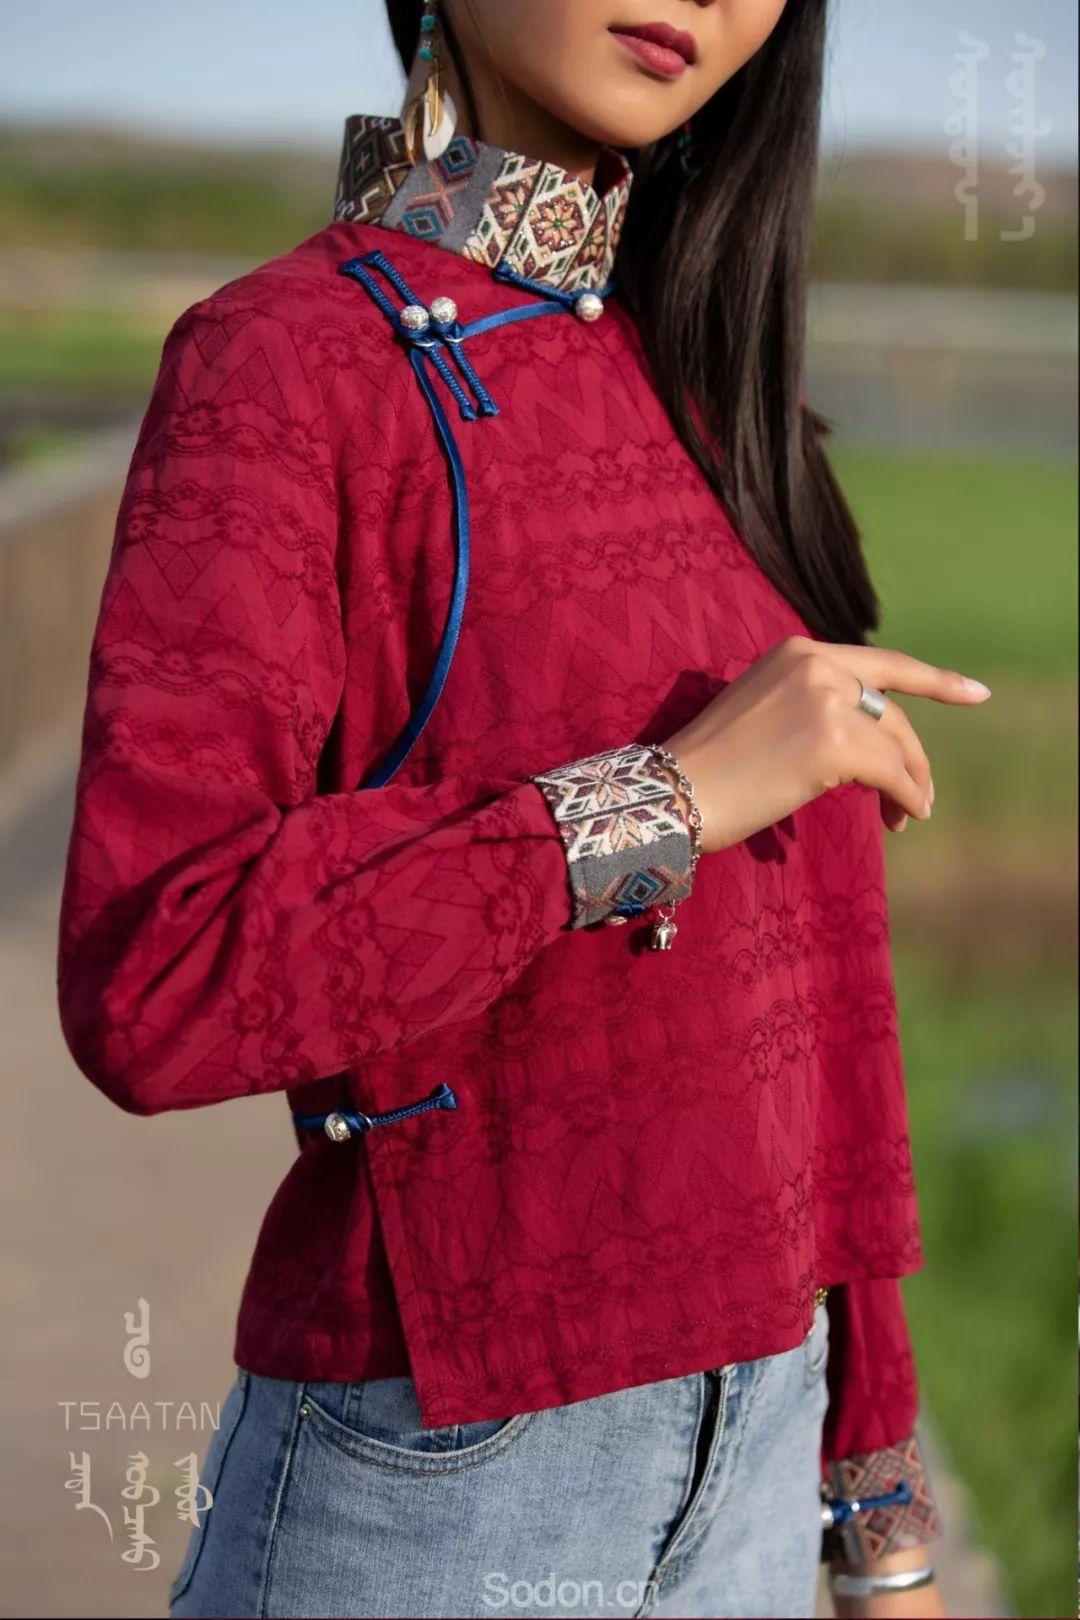 TSAATAN蒙古时装 2019新款,来自驯鹿人的独特魅力! 第103张 TSAATAN蒙古时装 2019新款,来自驯鹿人的独特魅力! 蒙古服饰